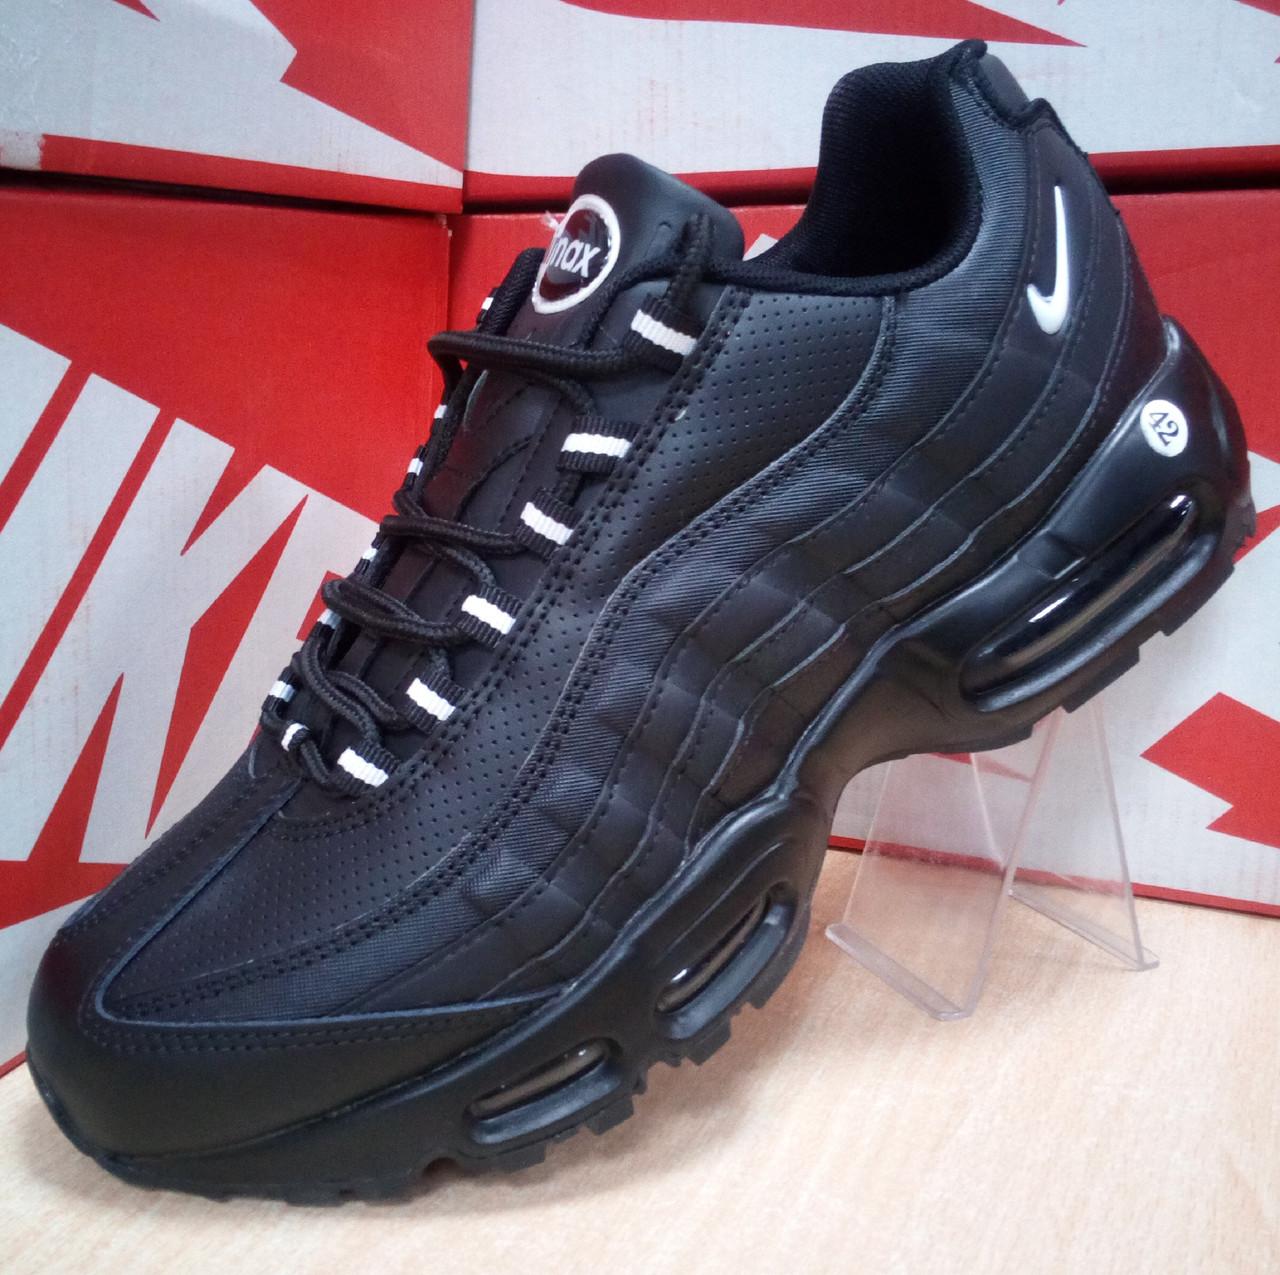 7de93123 Мужские кроссовки Nike Air Max 95 кожа черные(Лицензия): продажа ...